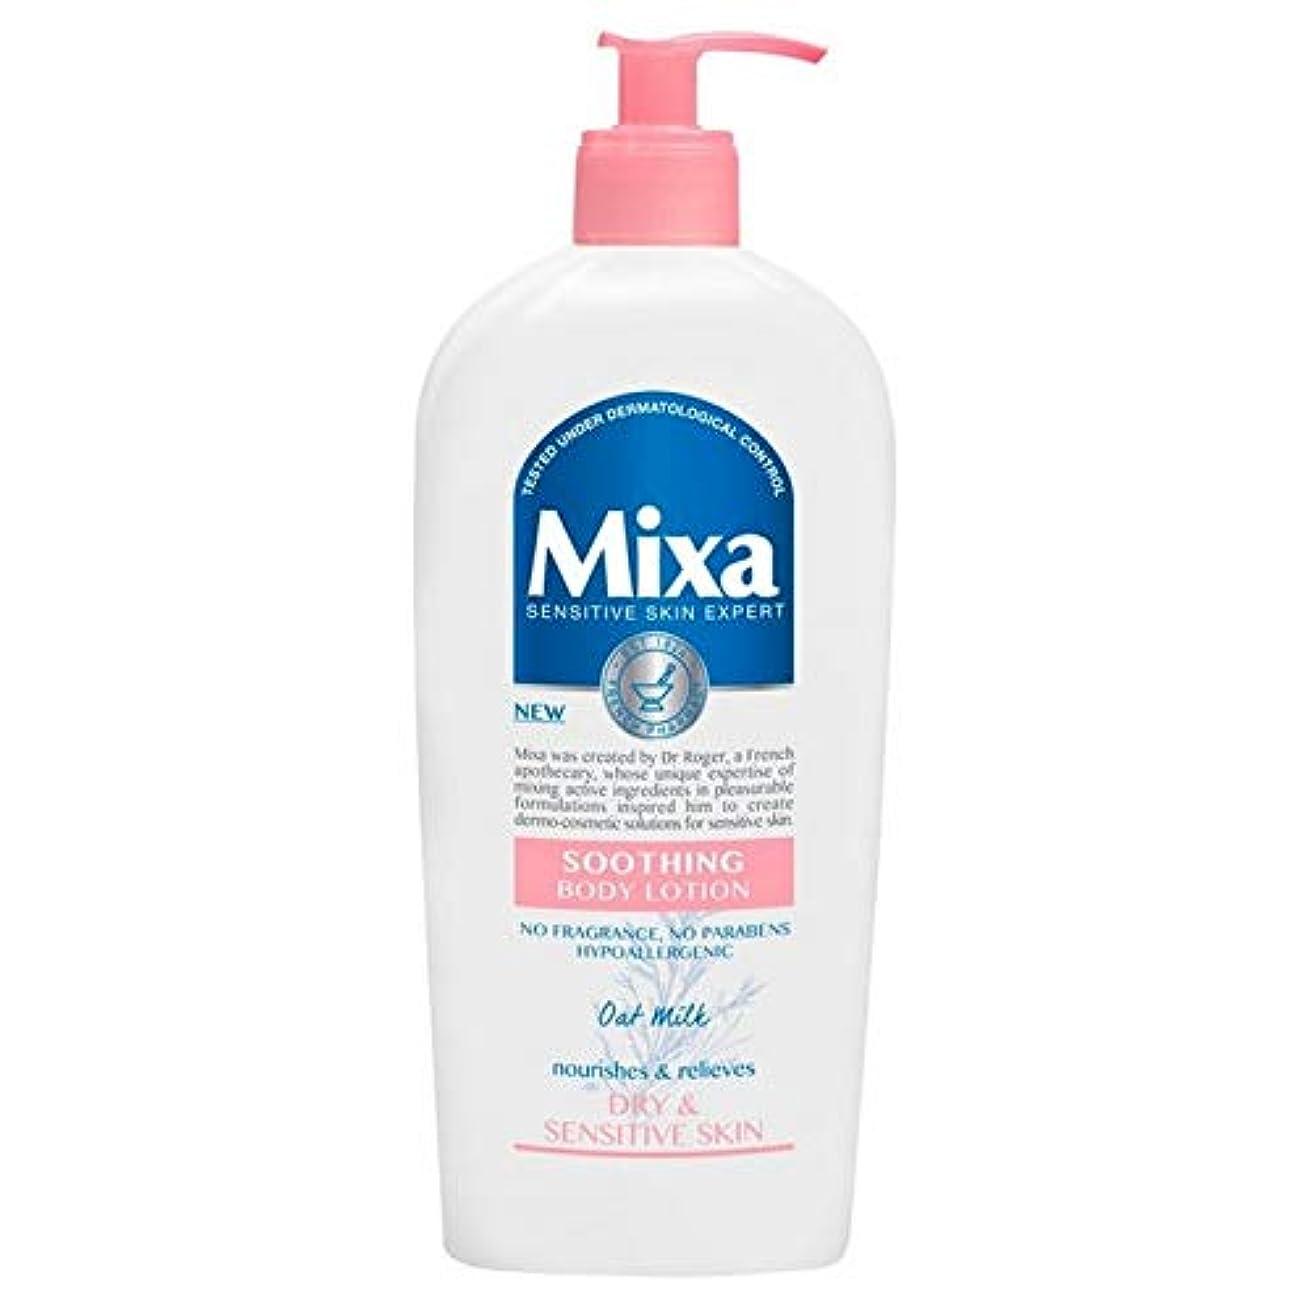 スタウト病な壊す[Mixa] Mixaなだめるボディローション400ミリリットル - Mixa Soothing Body Lotion 400ml [並行輸入品]